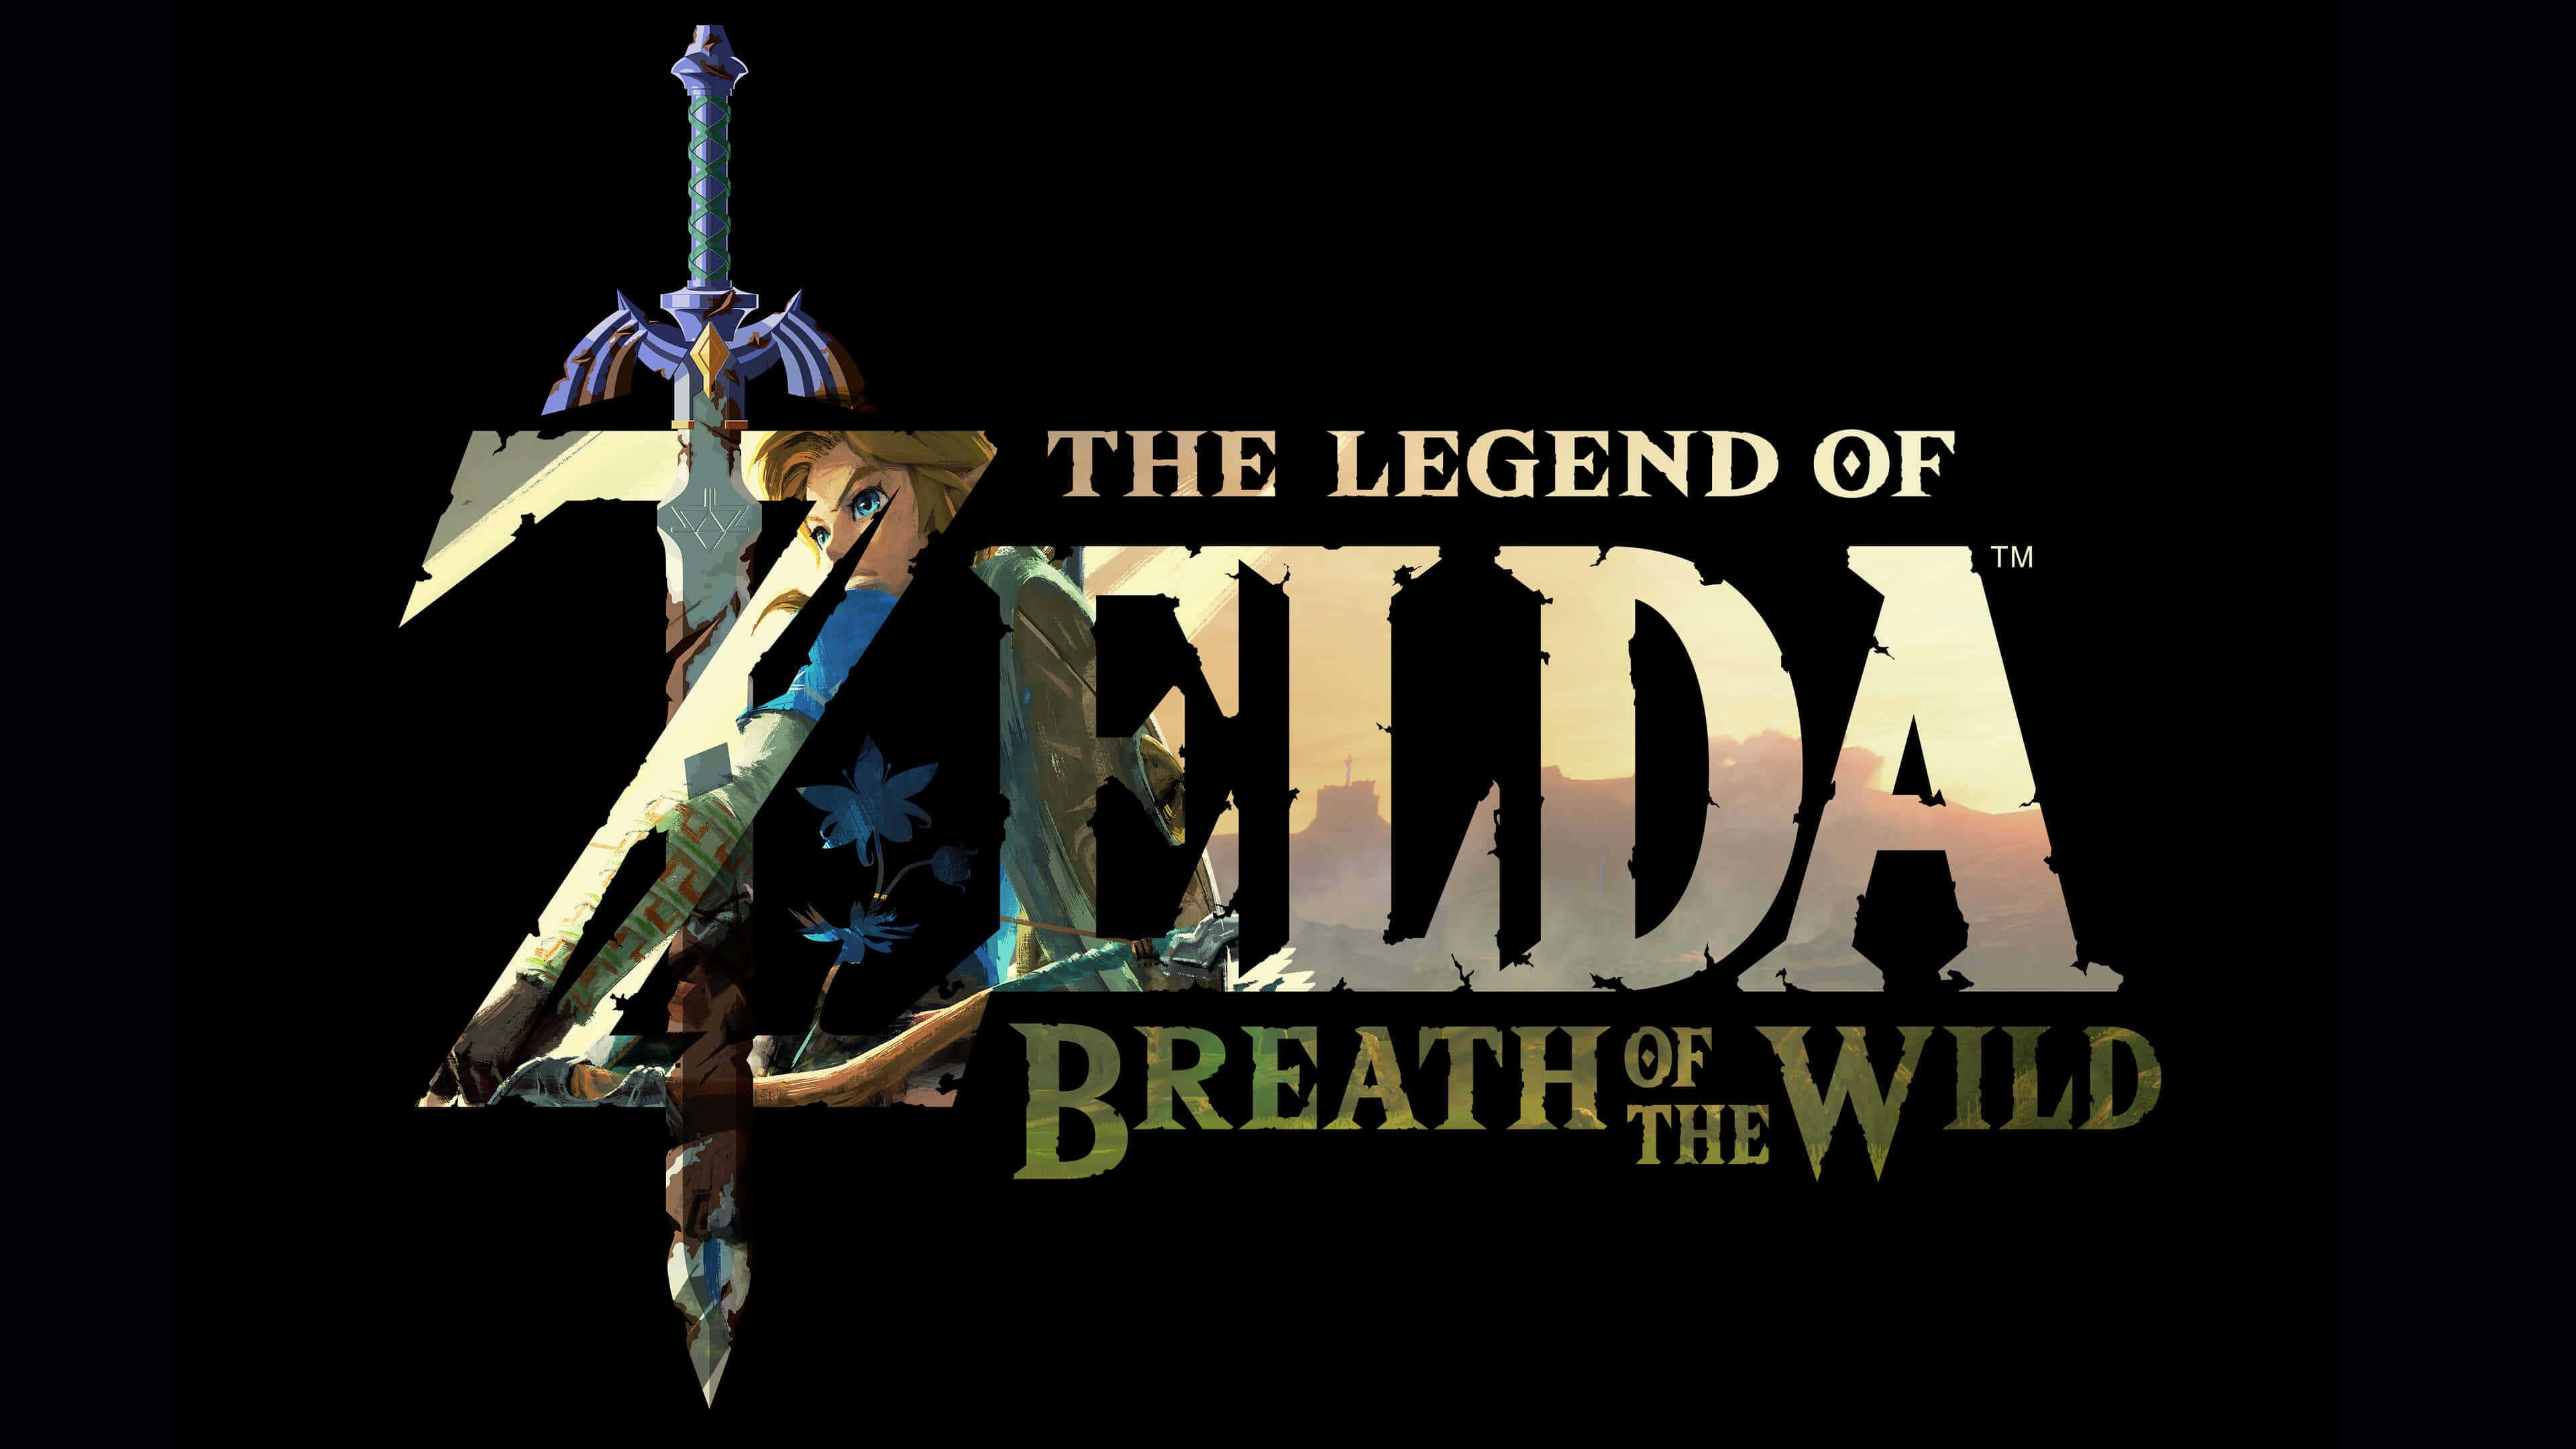 The Legend of Zelda: Breath of The Wild UHD 4K Wallpaper ...